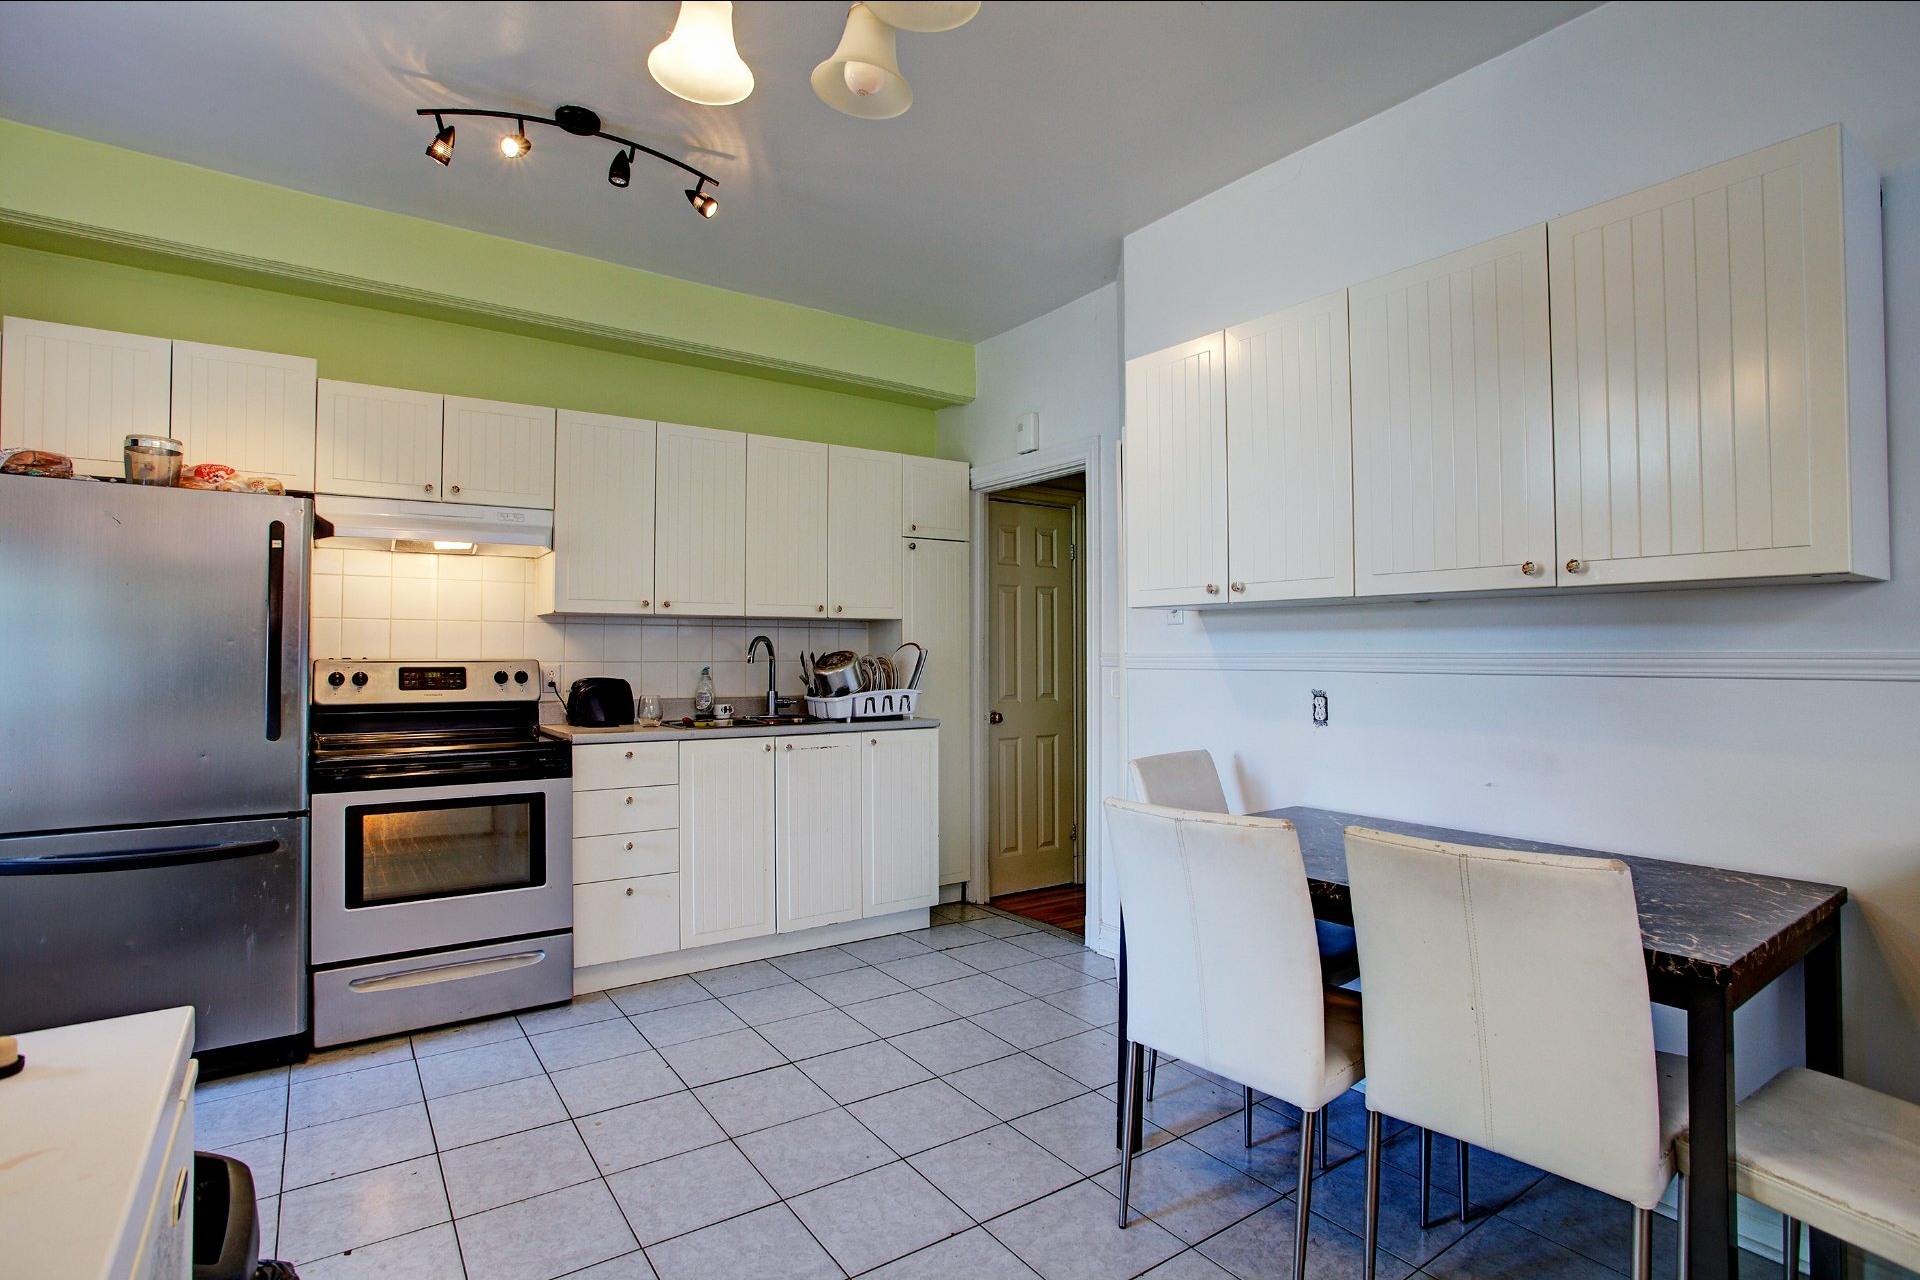 image 12 - Immeuble à revenus À vendre Le Sud-Ouest Montréal  - 4 pièces